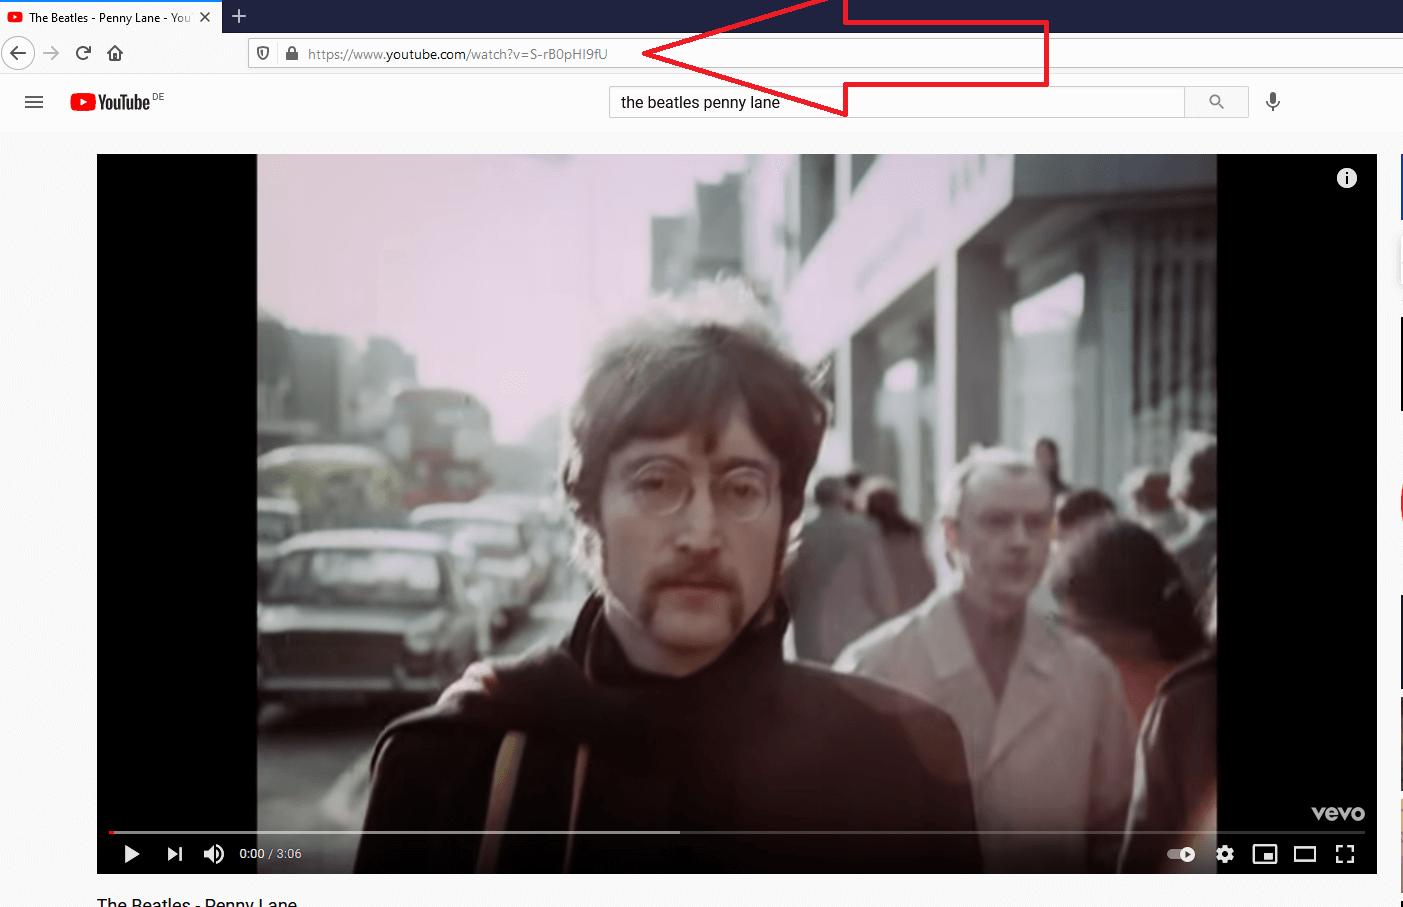 In der Adresszeile deines Browsers findest du den Youtube-Link des aufgerufenen Videos.